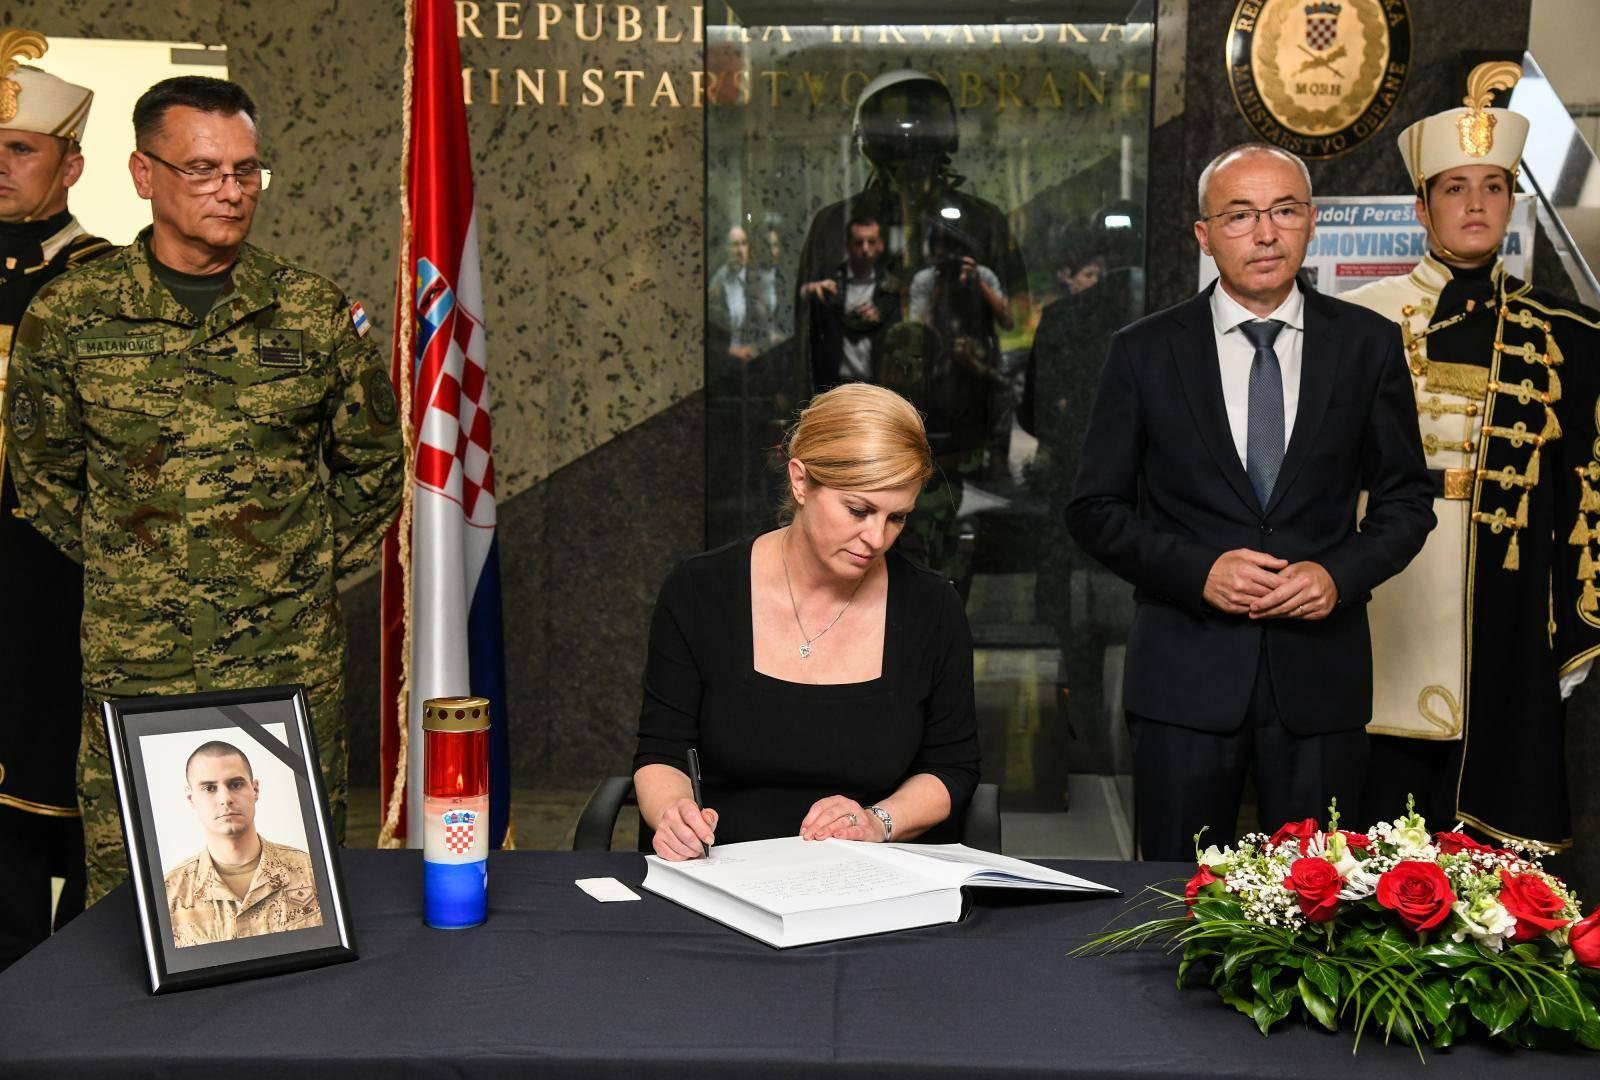 Grabar Kitarović upisala se u knjigu žalosti za vojnika Josipa